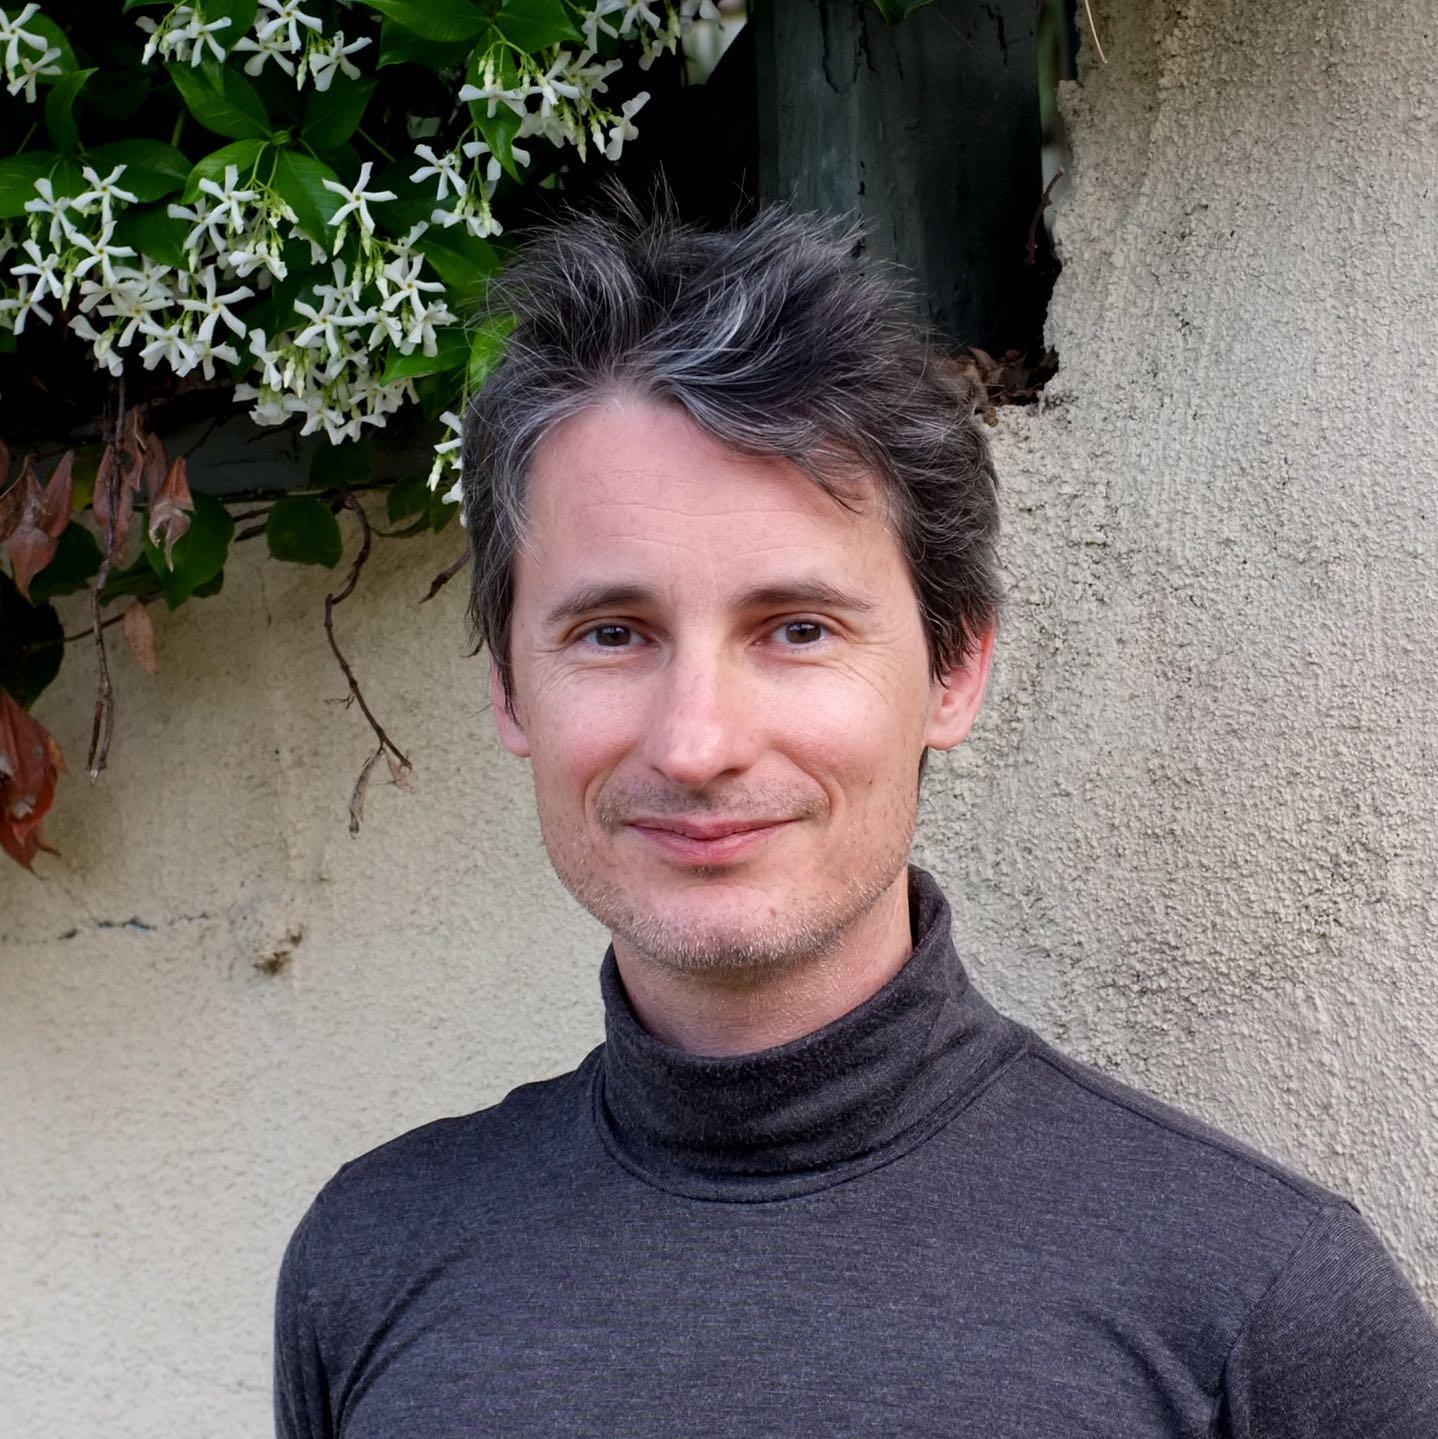 Paul Cabanis